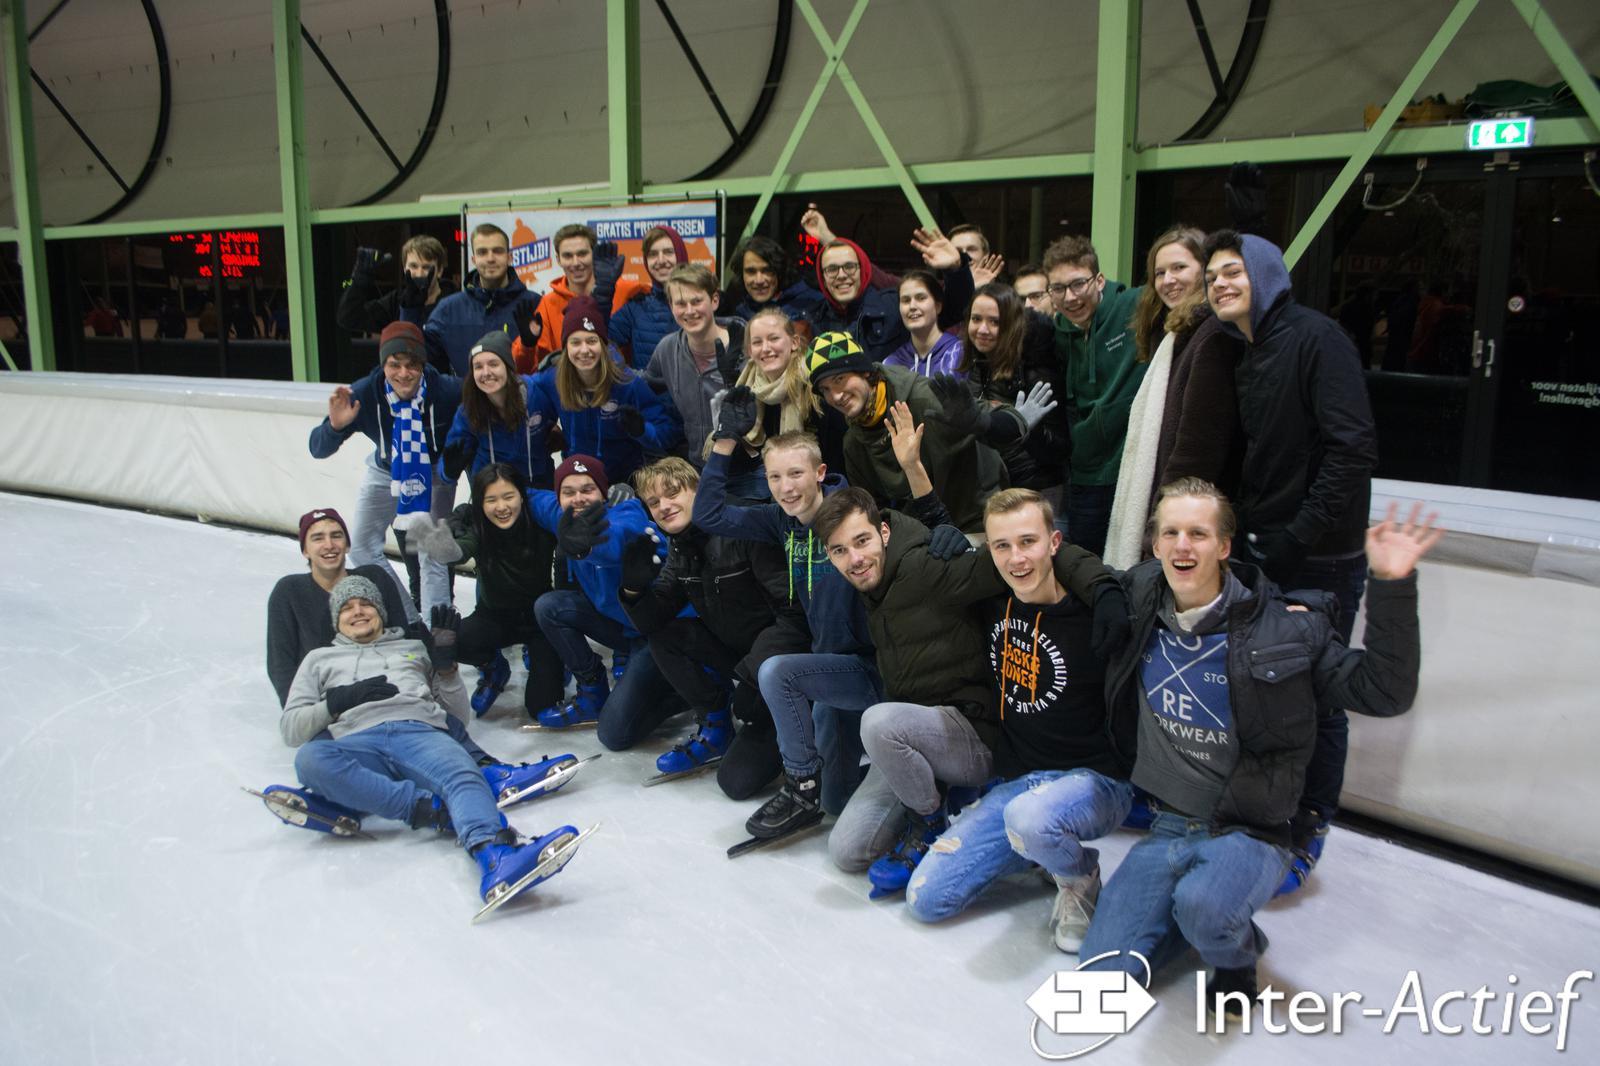 IceSkating20200116_NielsdeGroot-44.jpg